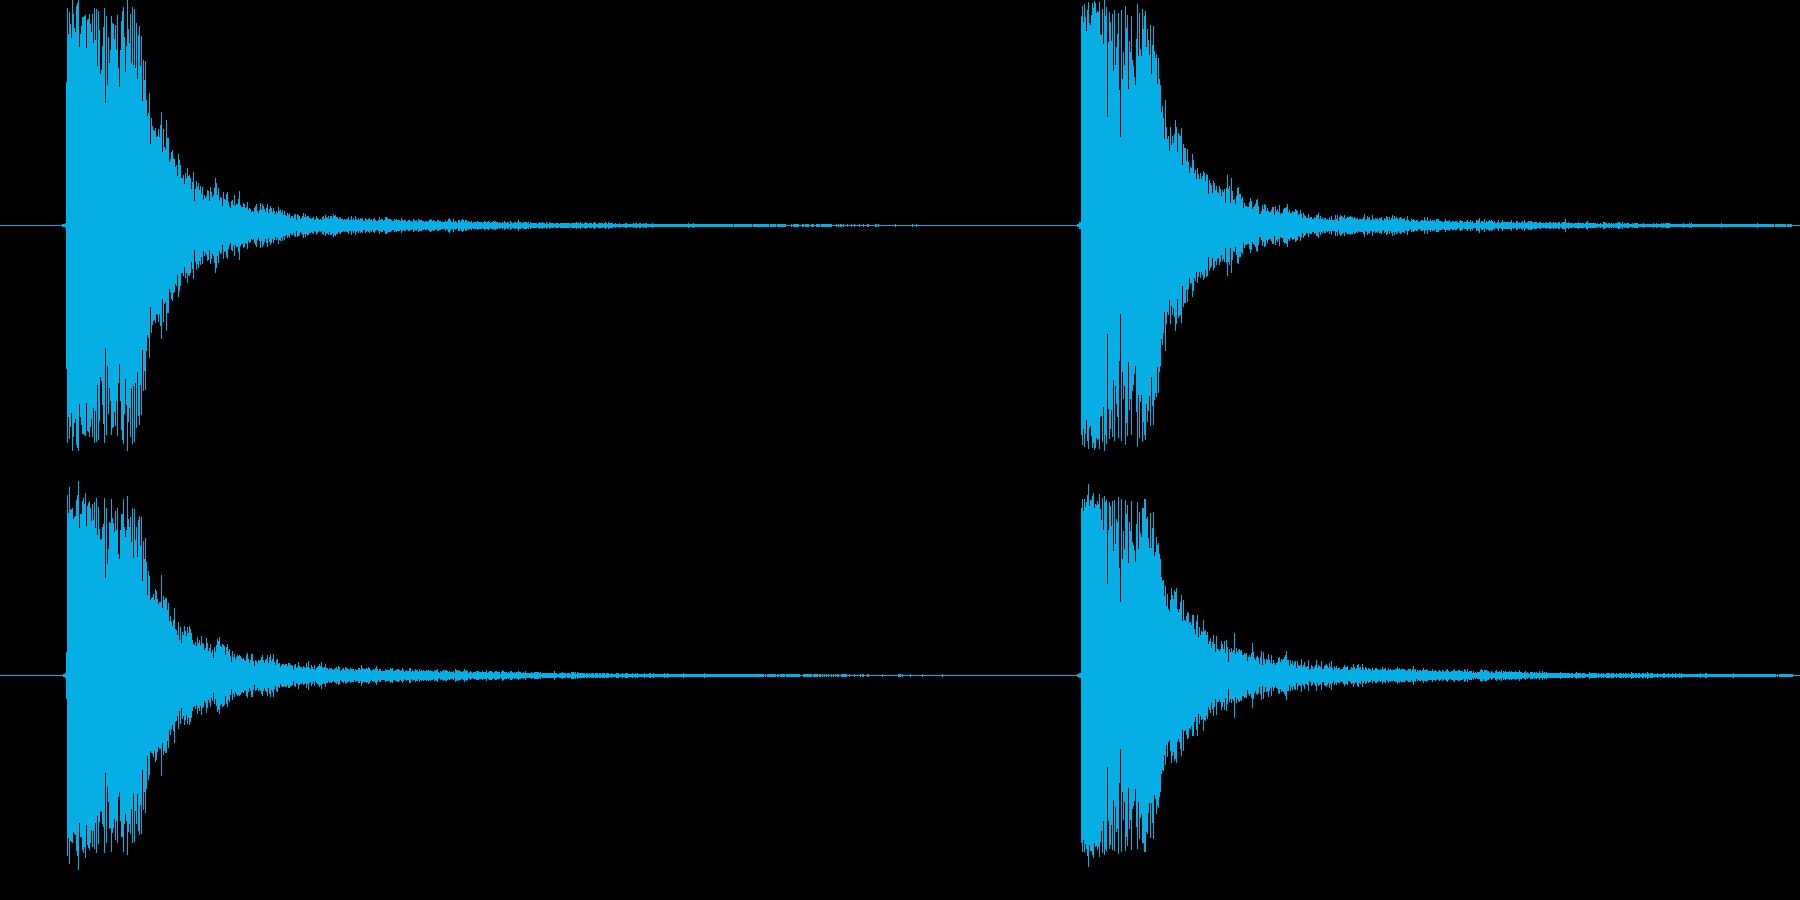 ドキューン (電子銃を撃つ音)の再生済みの波形